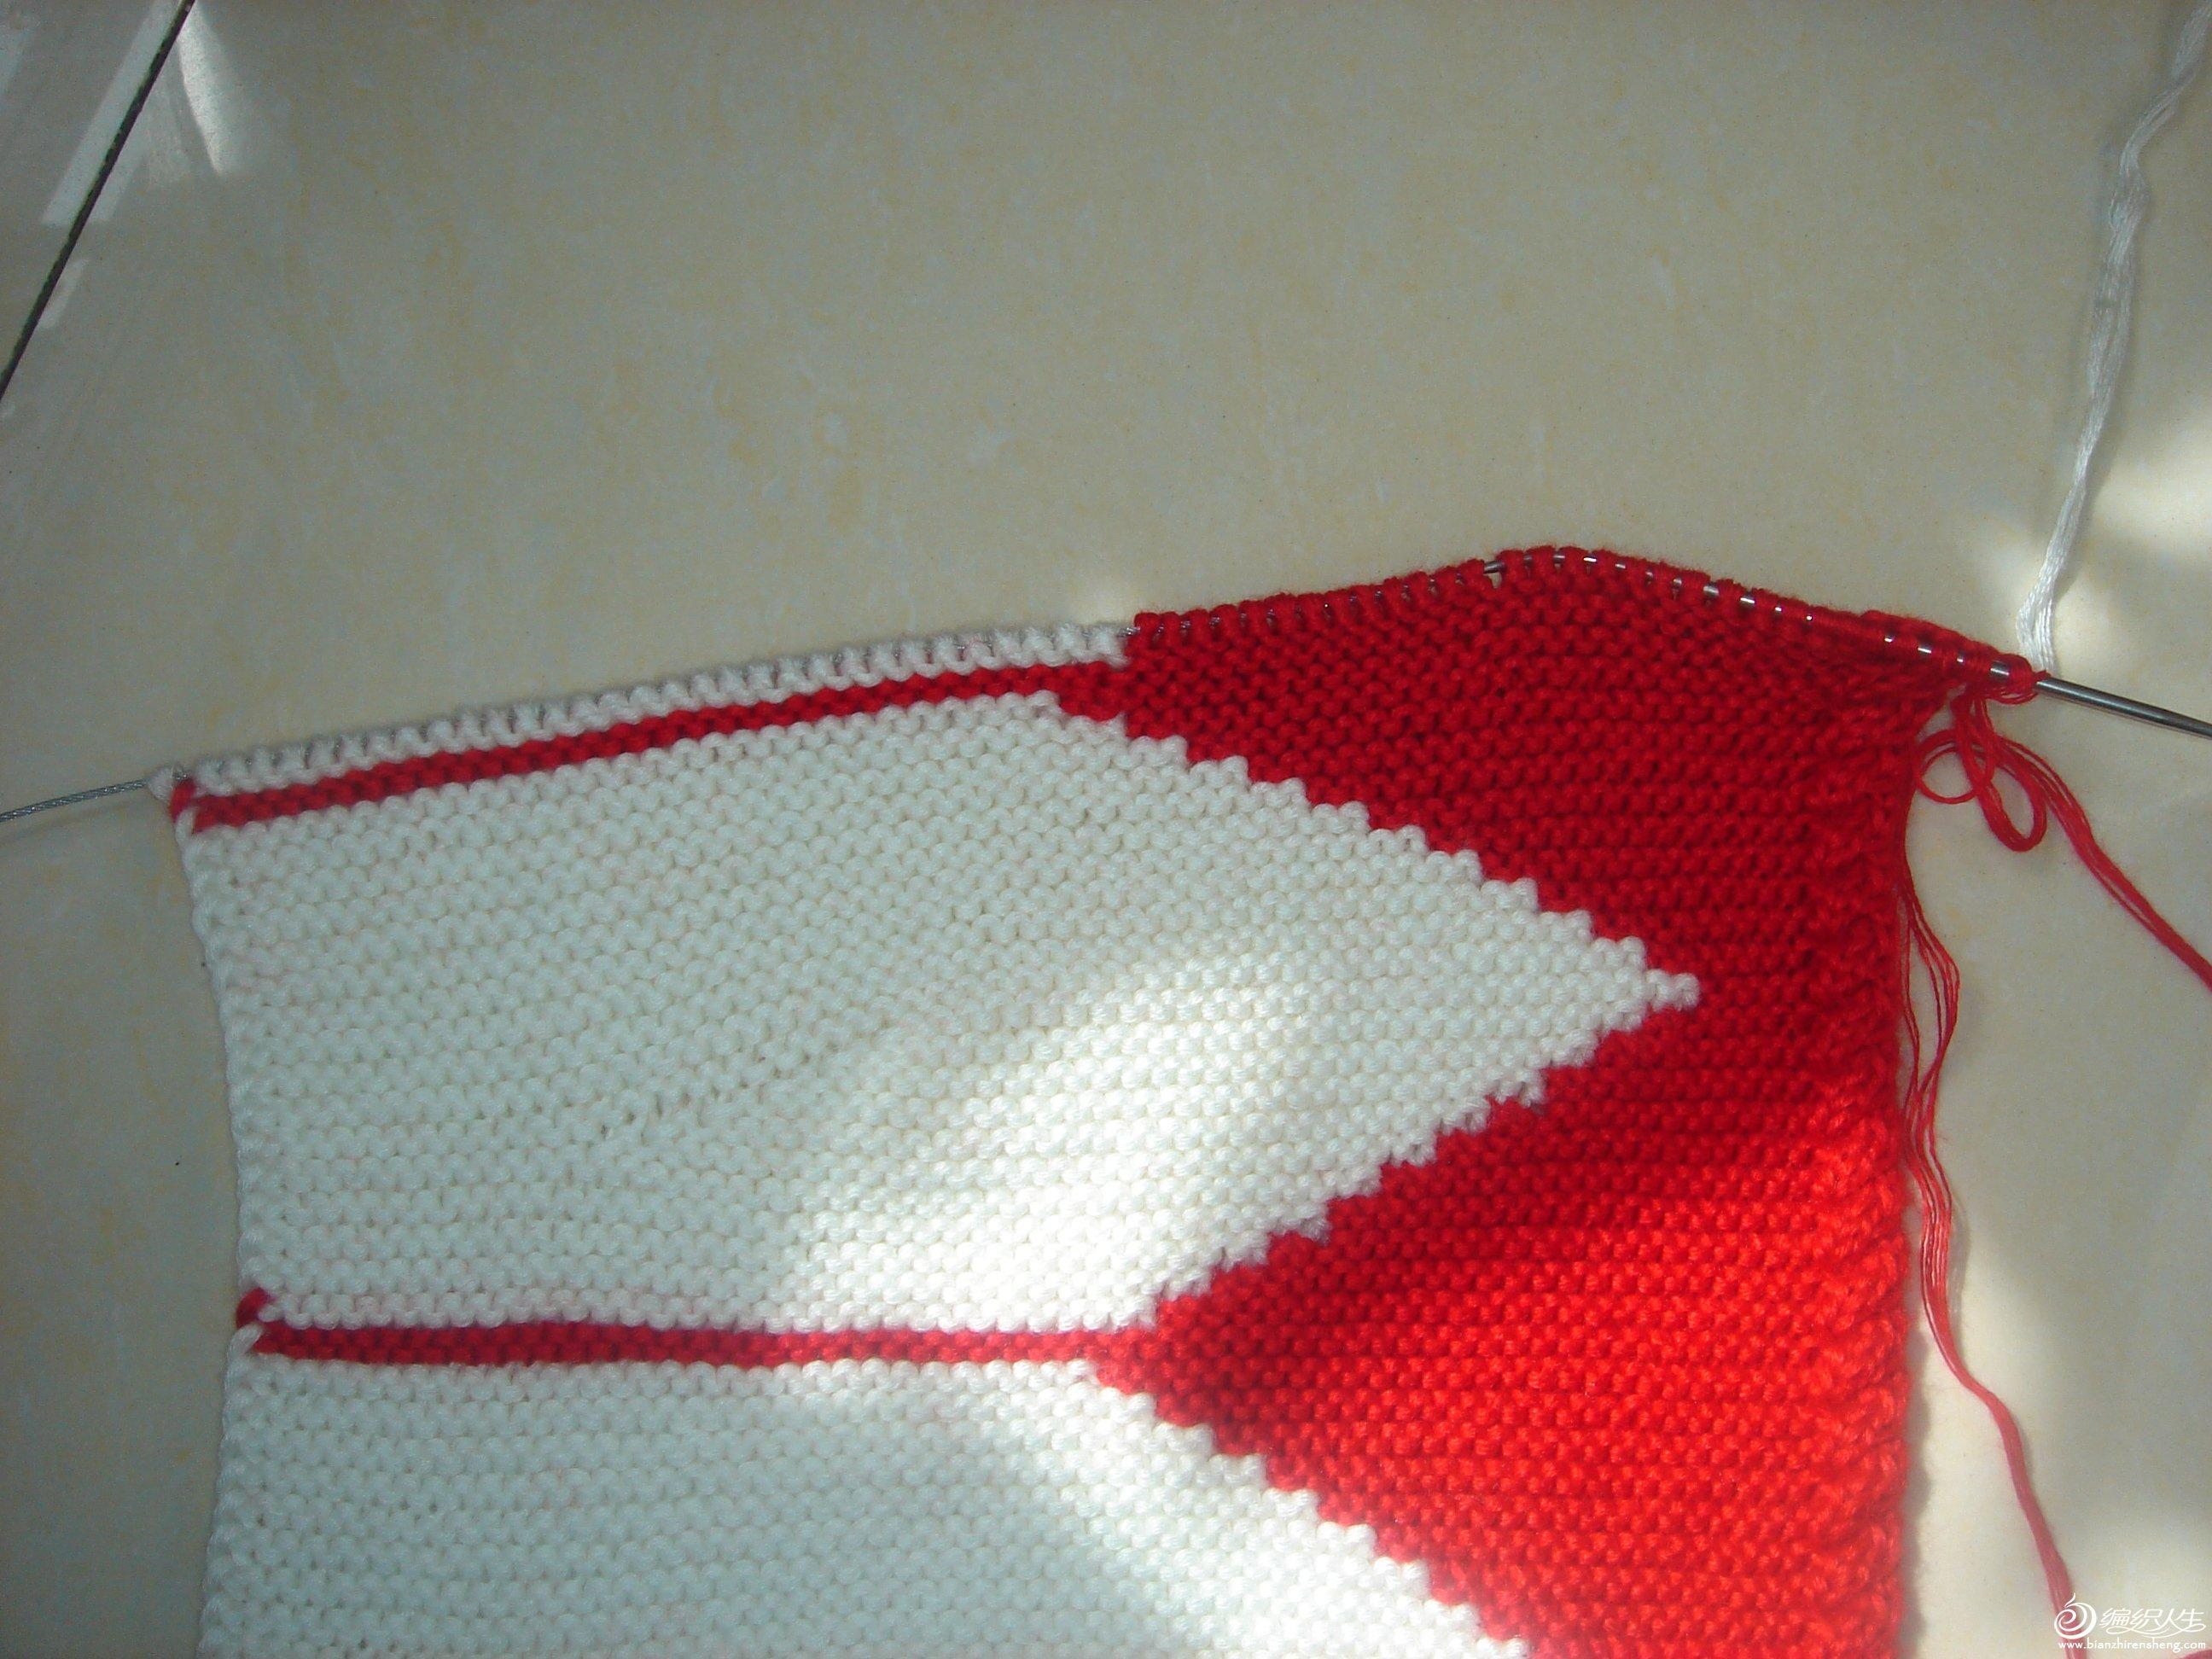 红线起60针边1针挑上4针拧麻花织搓板针5个来回,红线织30针换白线在织30针